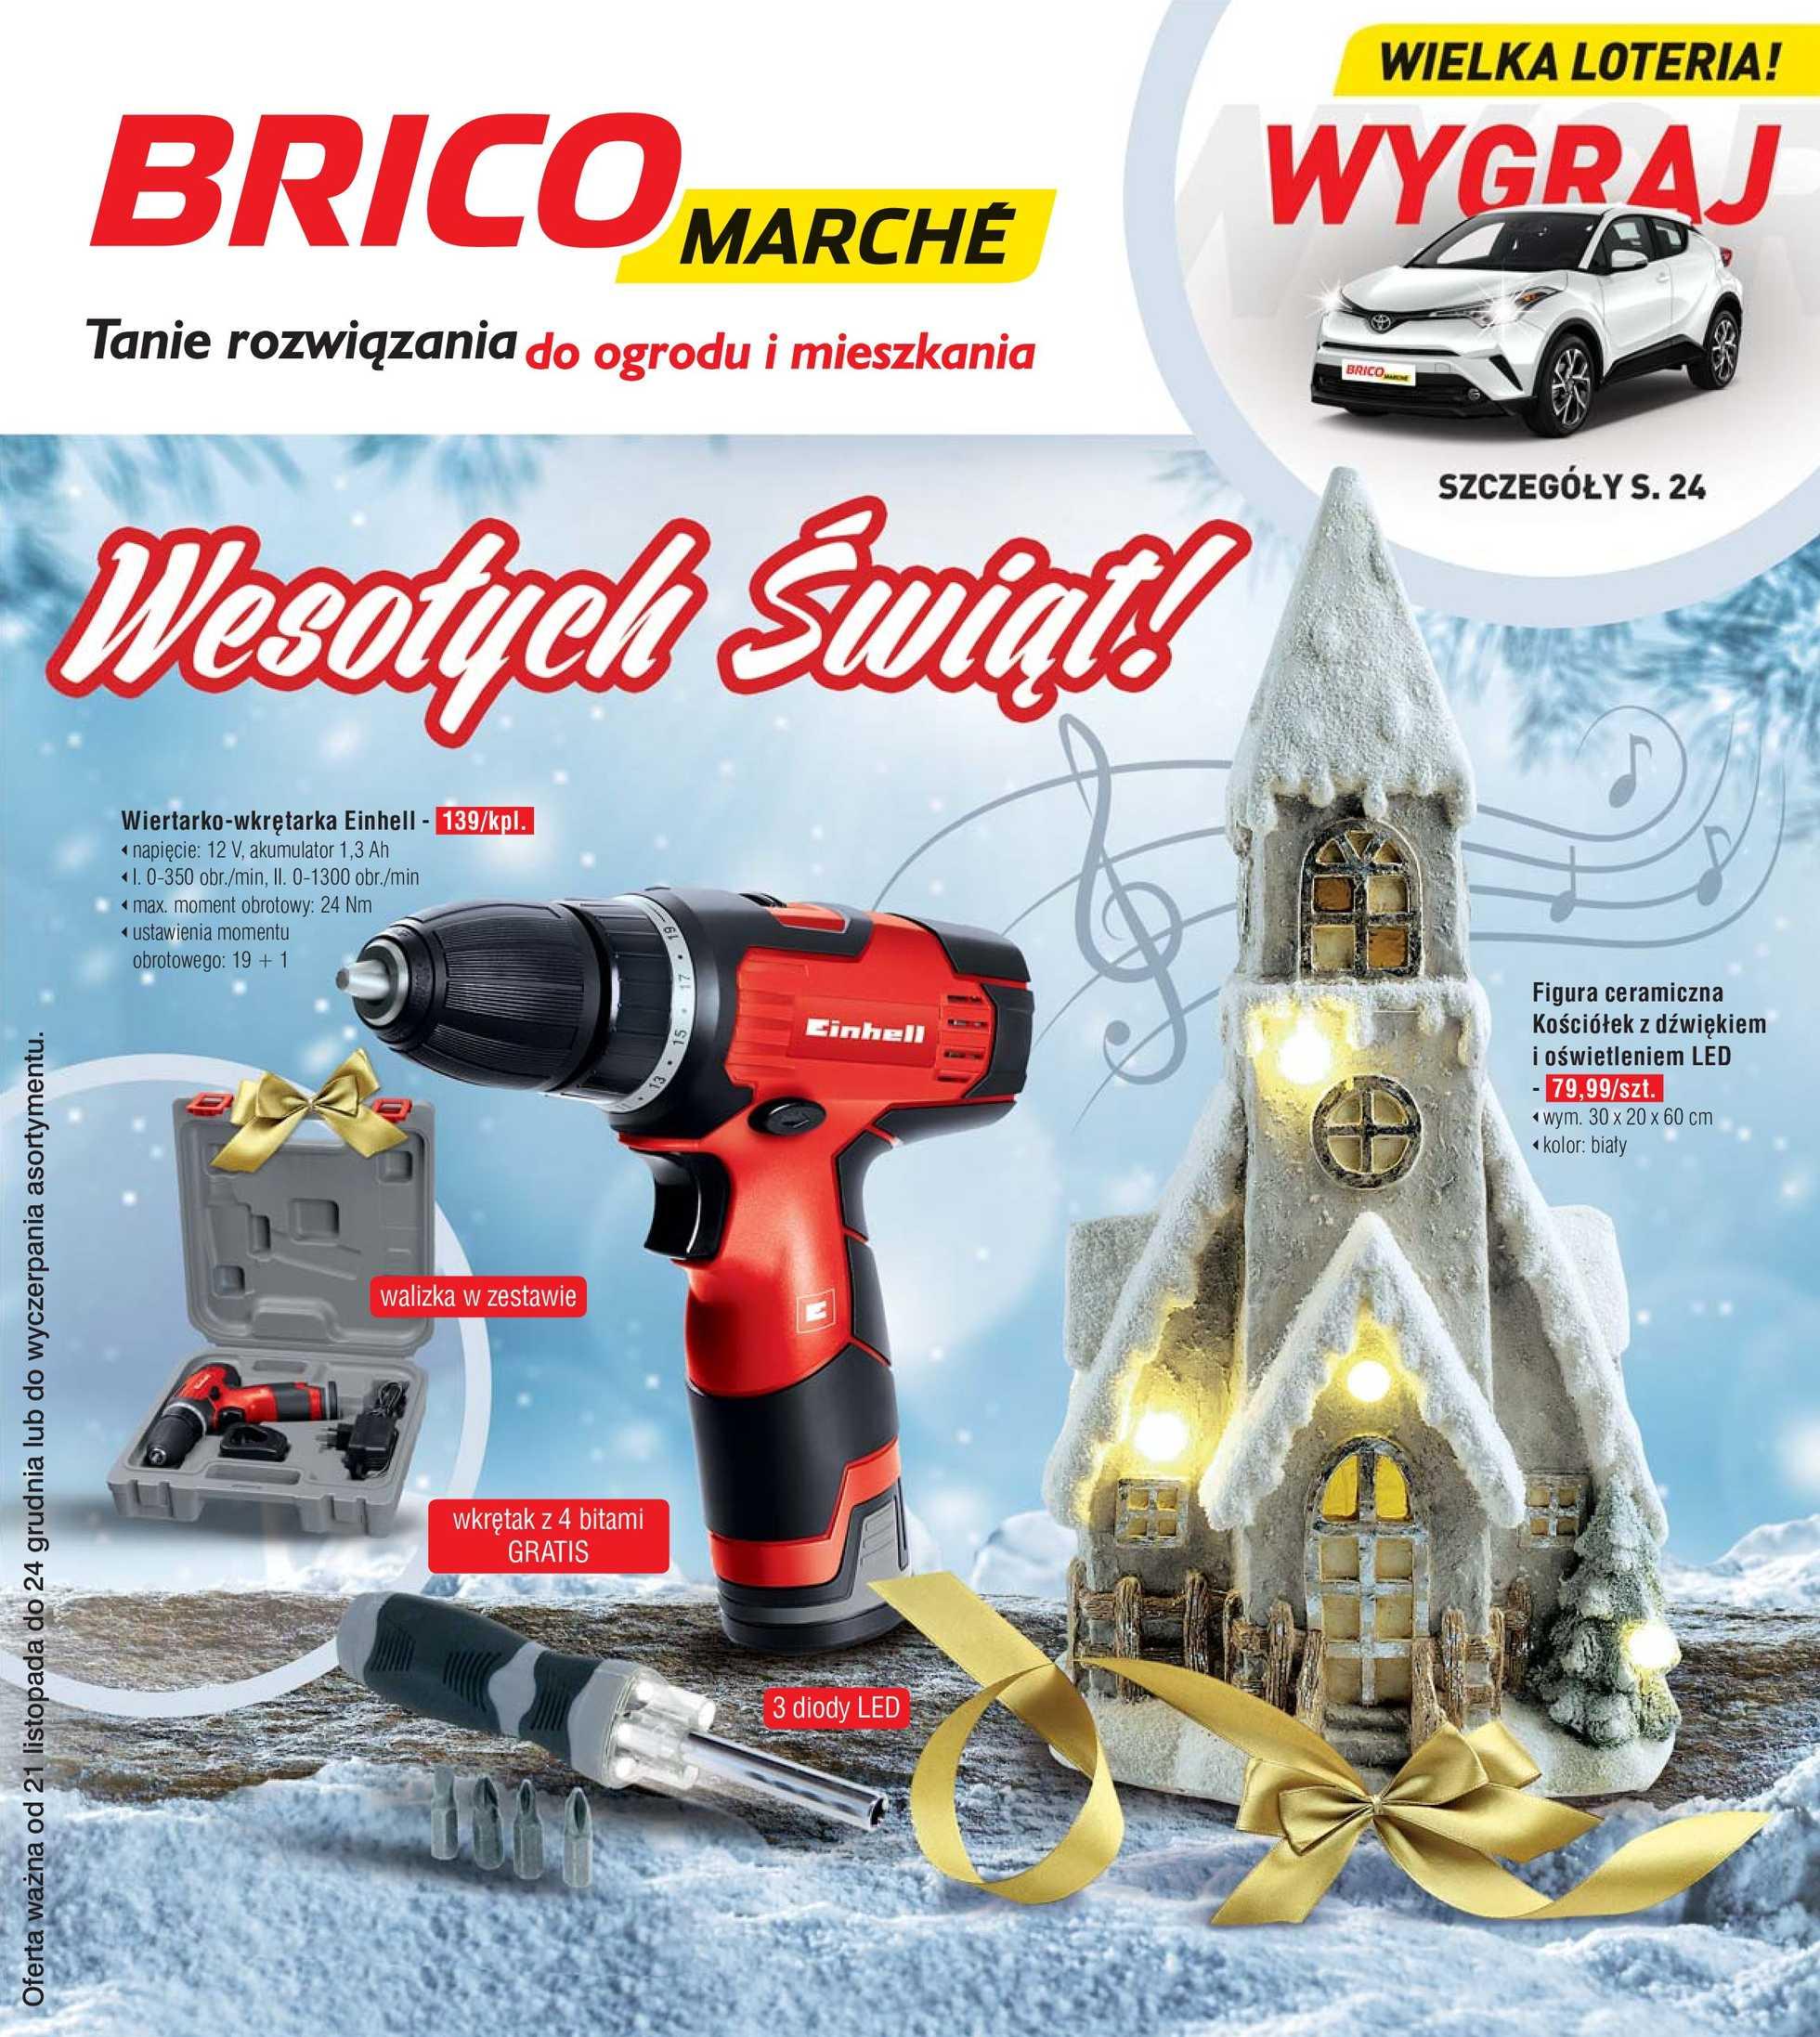 Bricomarche - gazetka promocyjna ważna od 21.11.2018 do 24.12.2018 - strona 1.